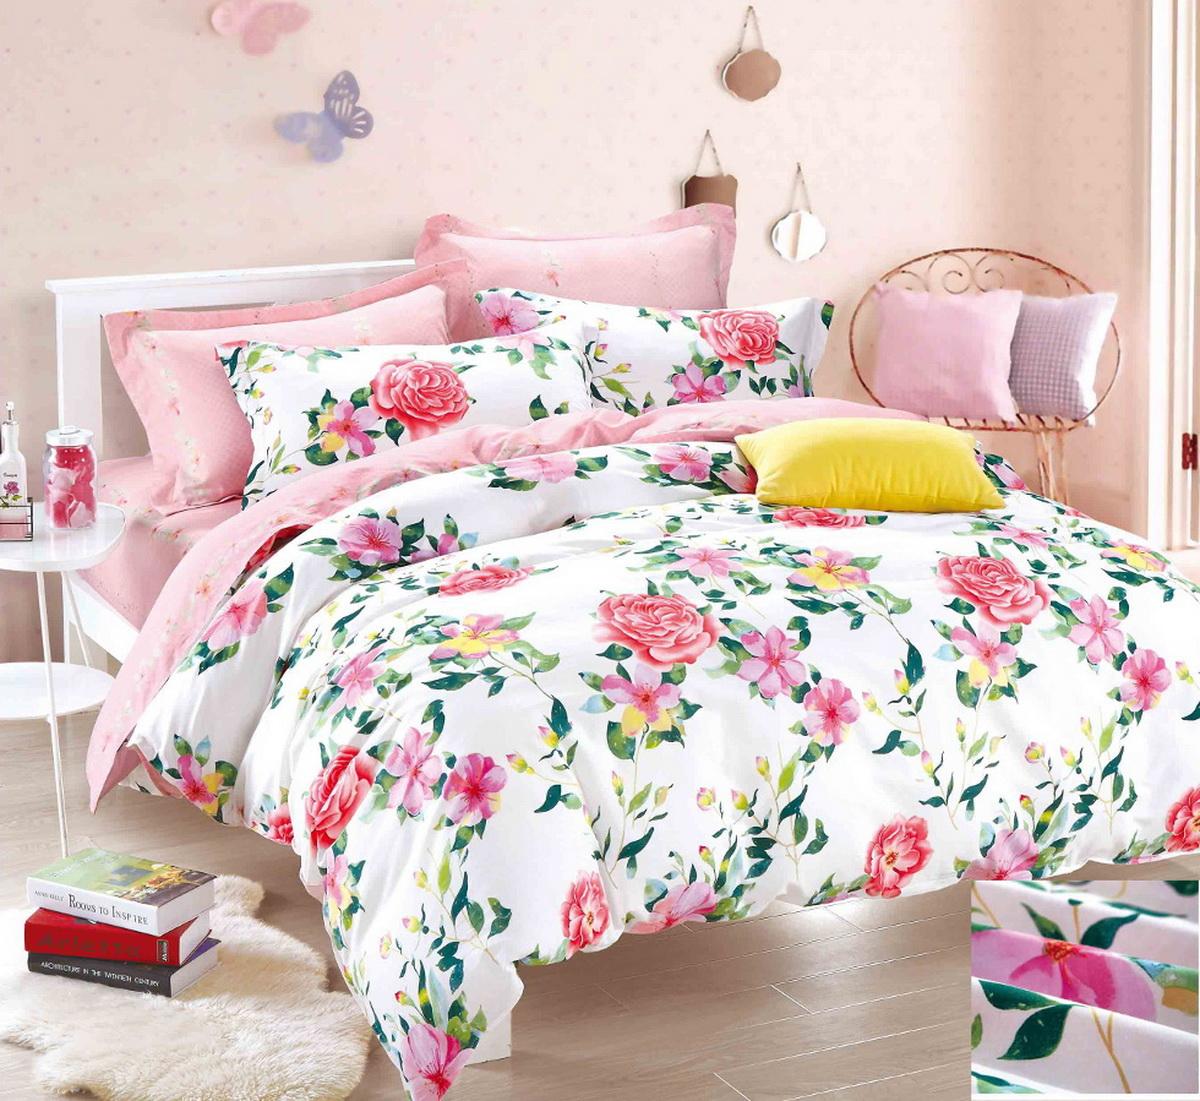 Комплект белья Cleo Розовый плен, 2-спальный, наволочки 70x70, цвет: розовый. 20/196-SP